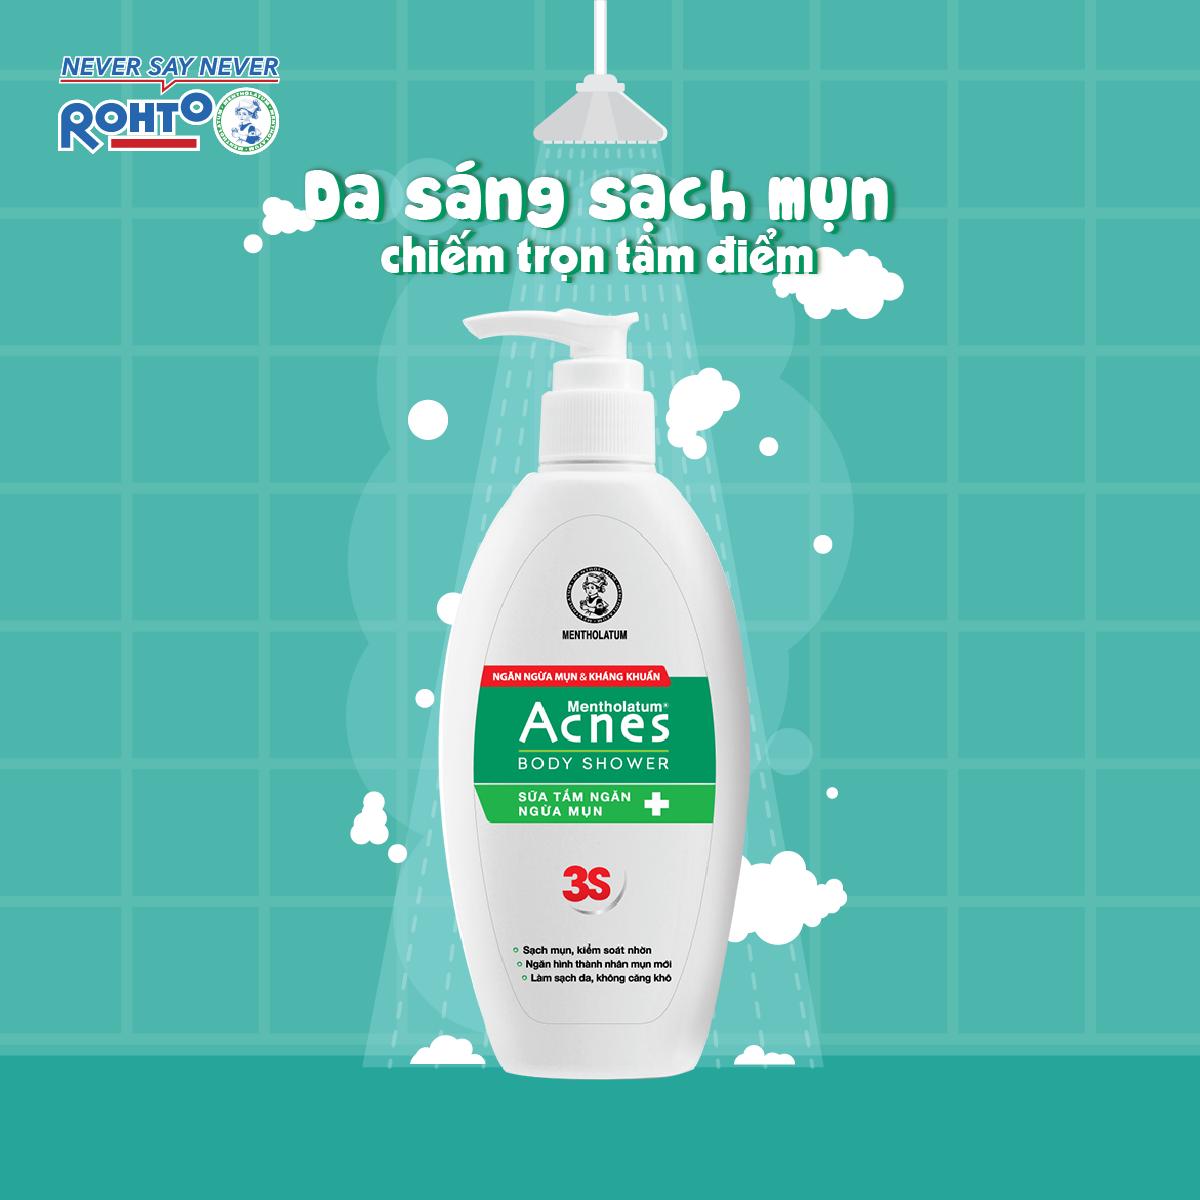 Acnes Body Shower với hương thơm dịu nhẹ, làm sạch sâu